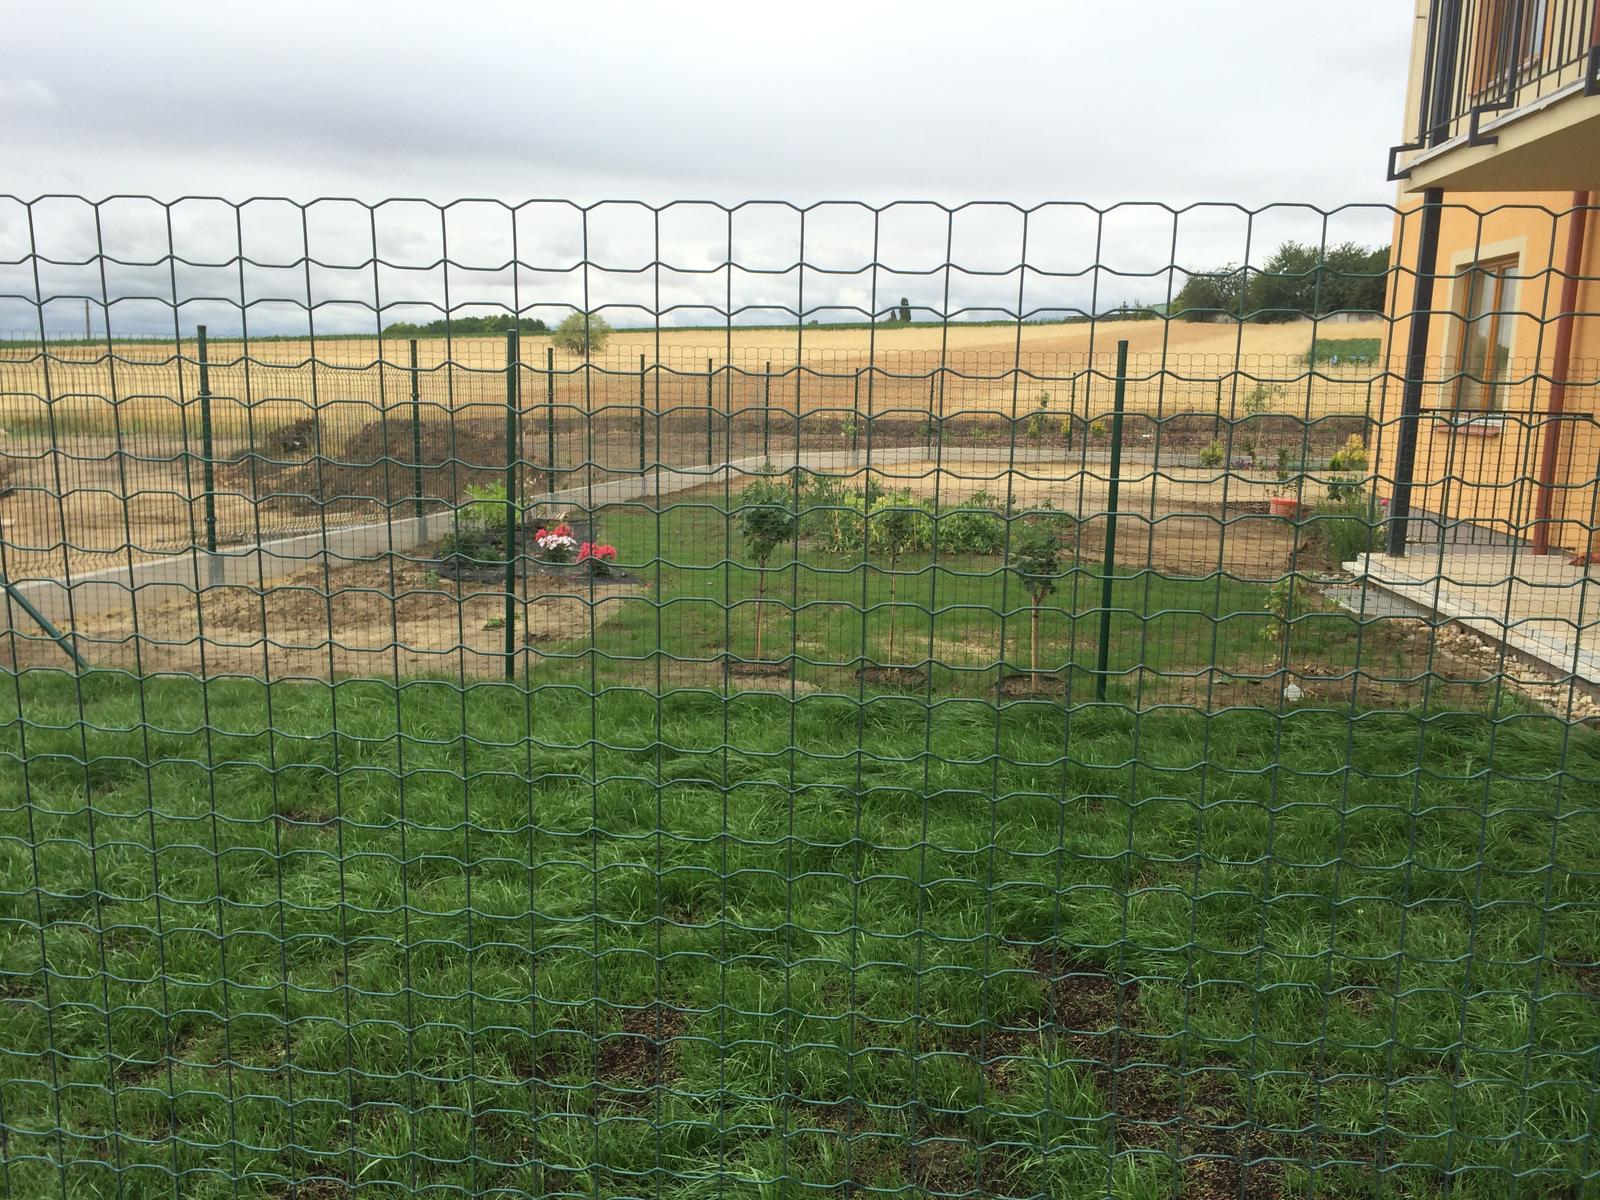 Zahrada- jak to vsechno zacalo.. - z tejto strany to uz vypada pekne zelene ( fotene cez sousedovu zahradku 2 ploty :) )